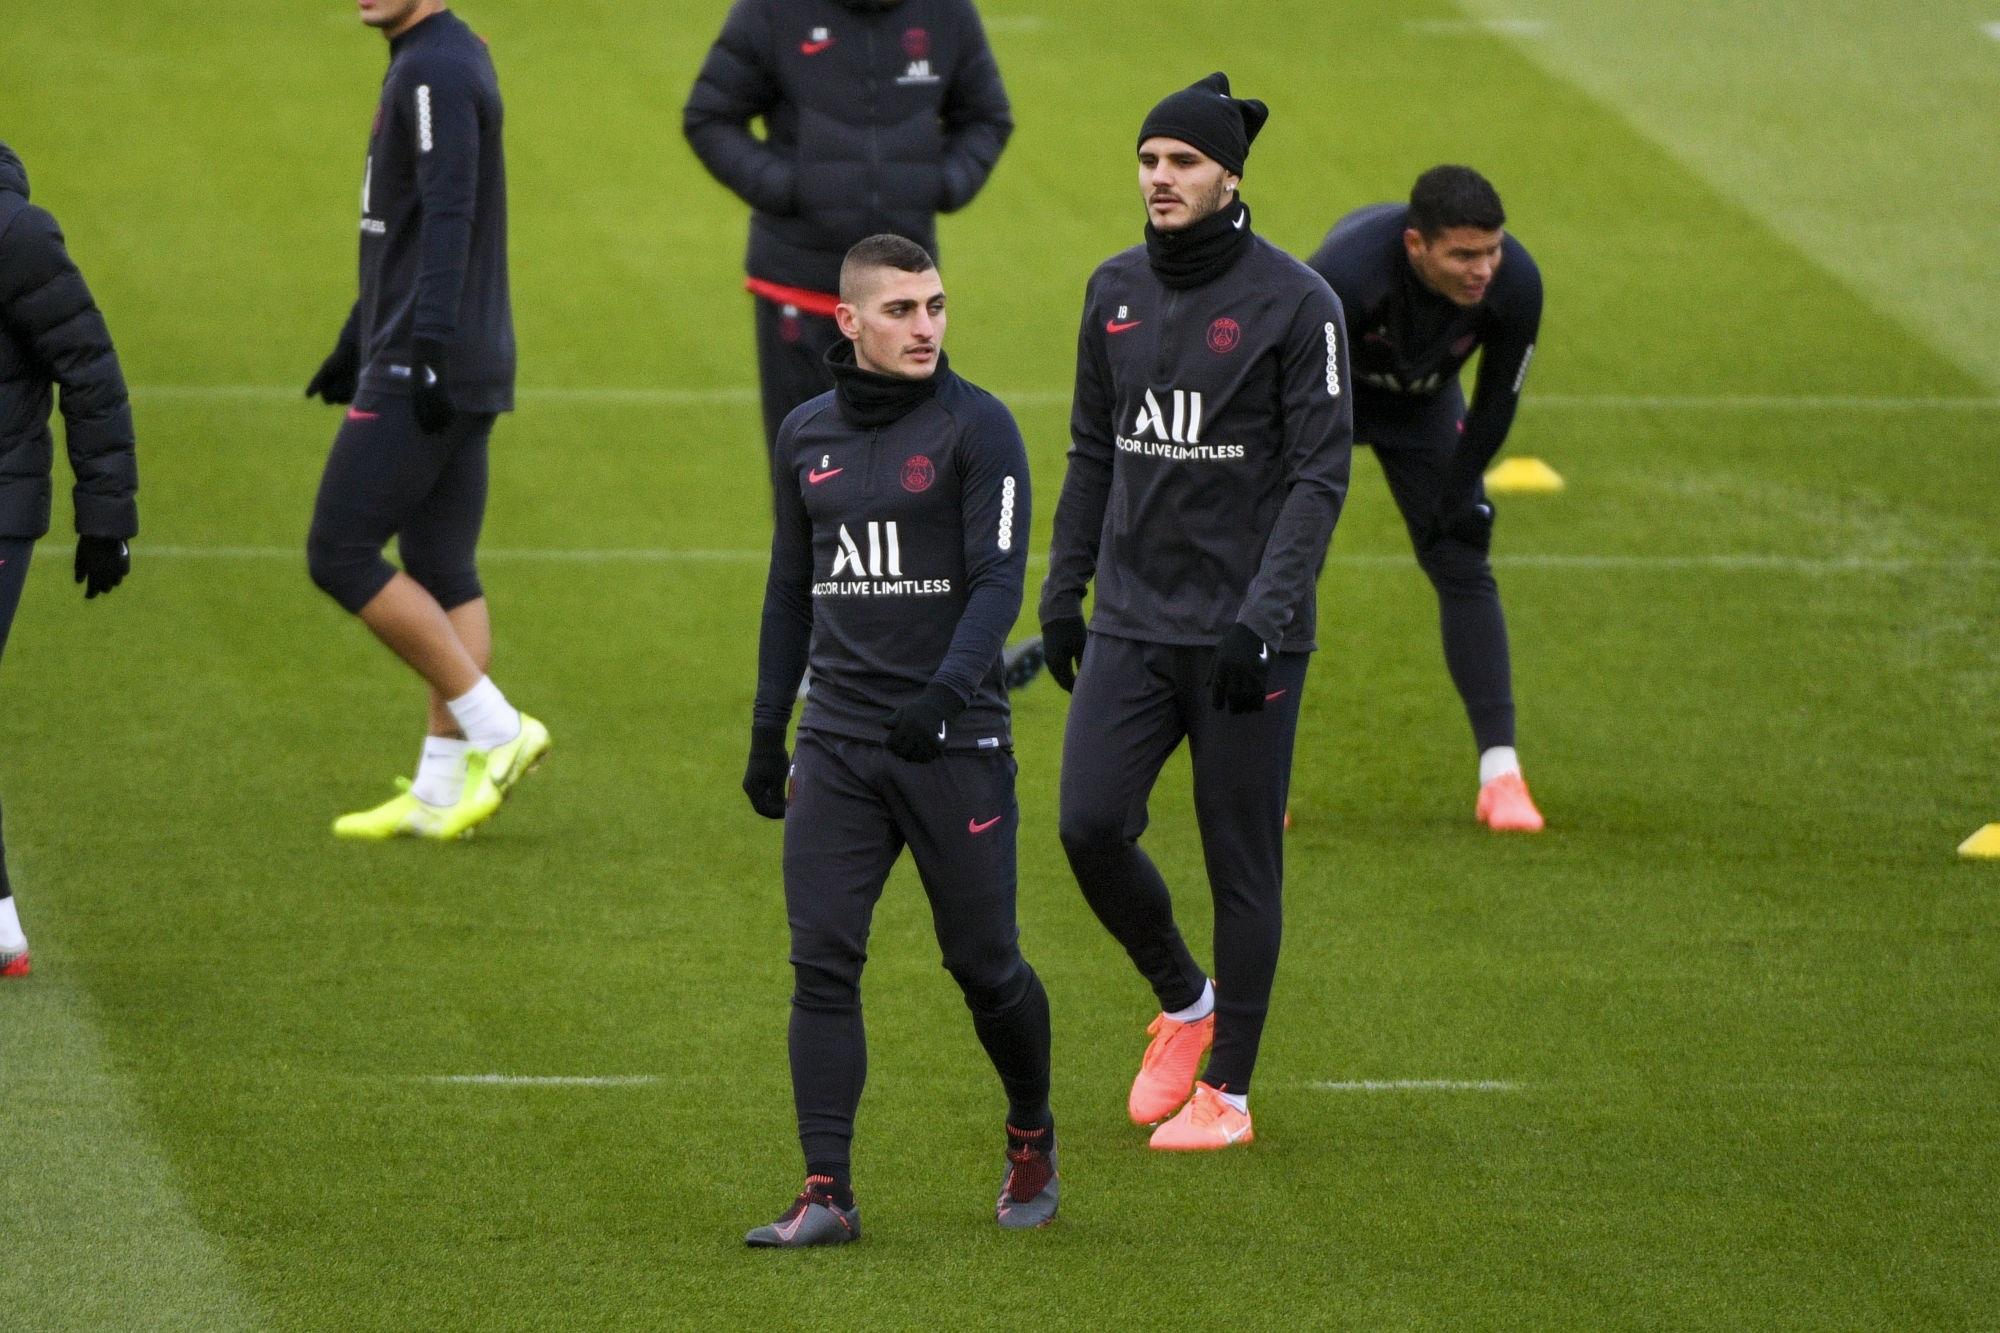 PSG/Leipzig - Herrera incertain, Verratti et Icardi espérés indique L'Equipe